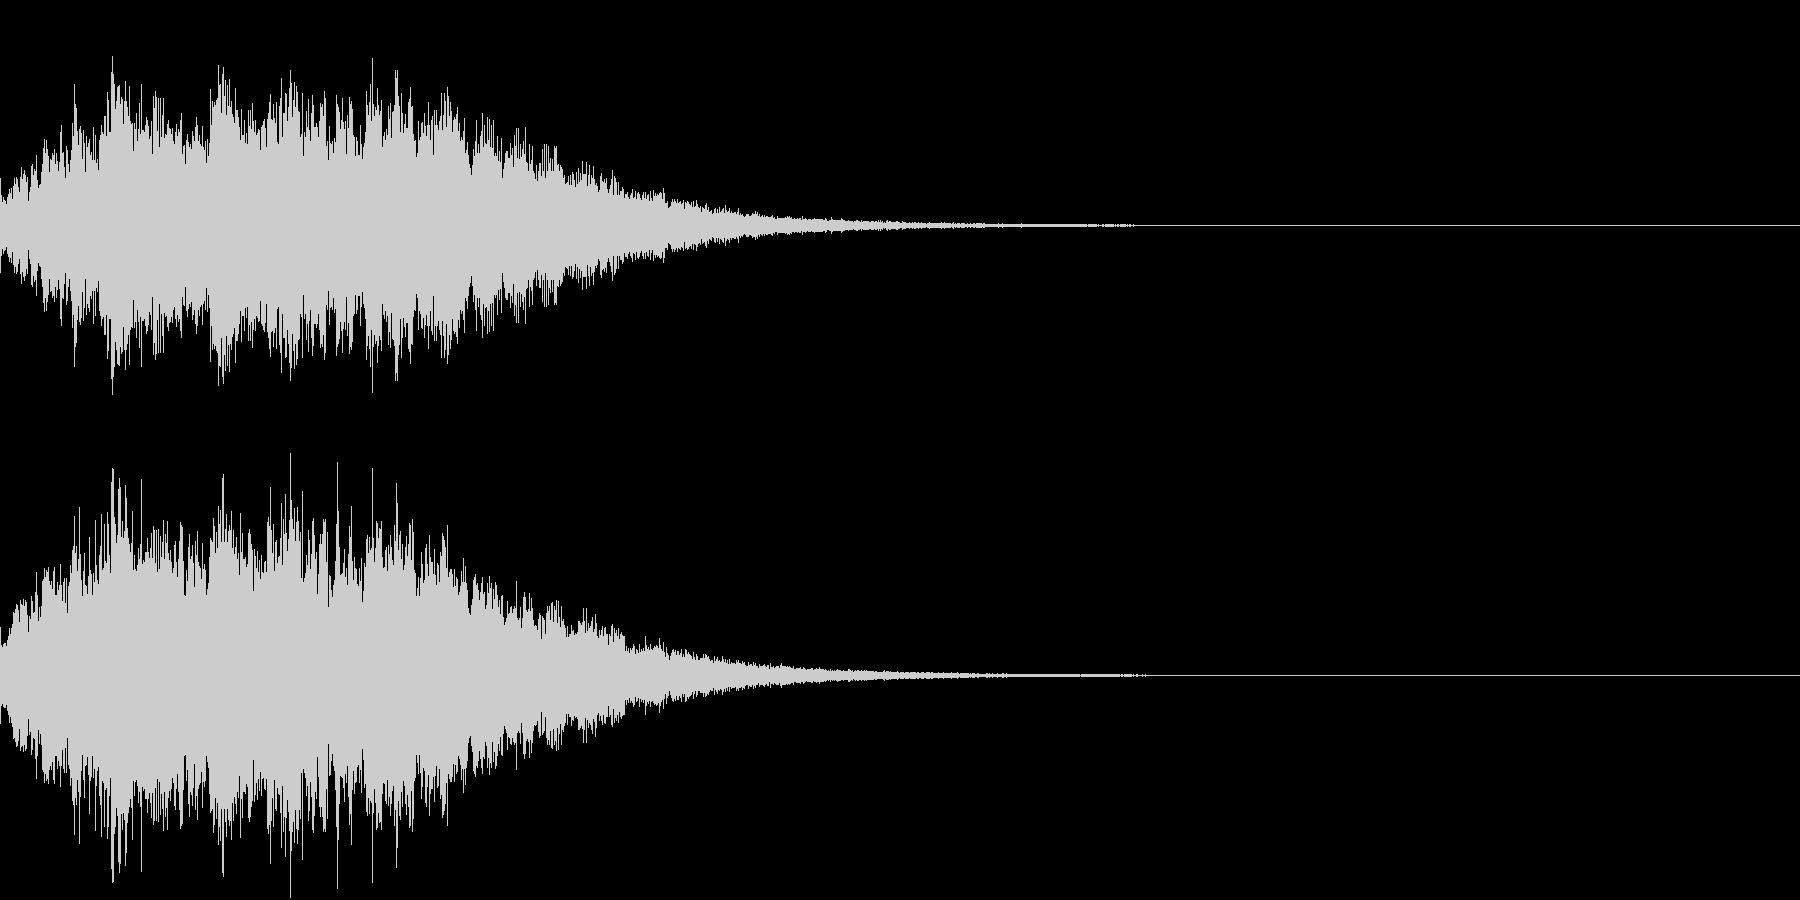 キラキラ 変化 おまじない 魔法 06の未再生の波形